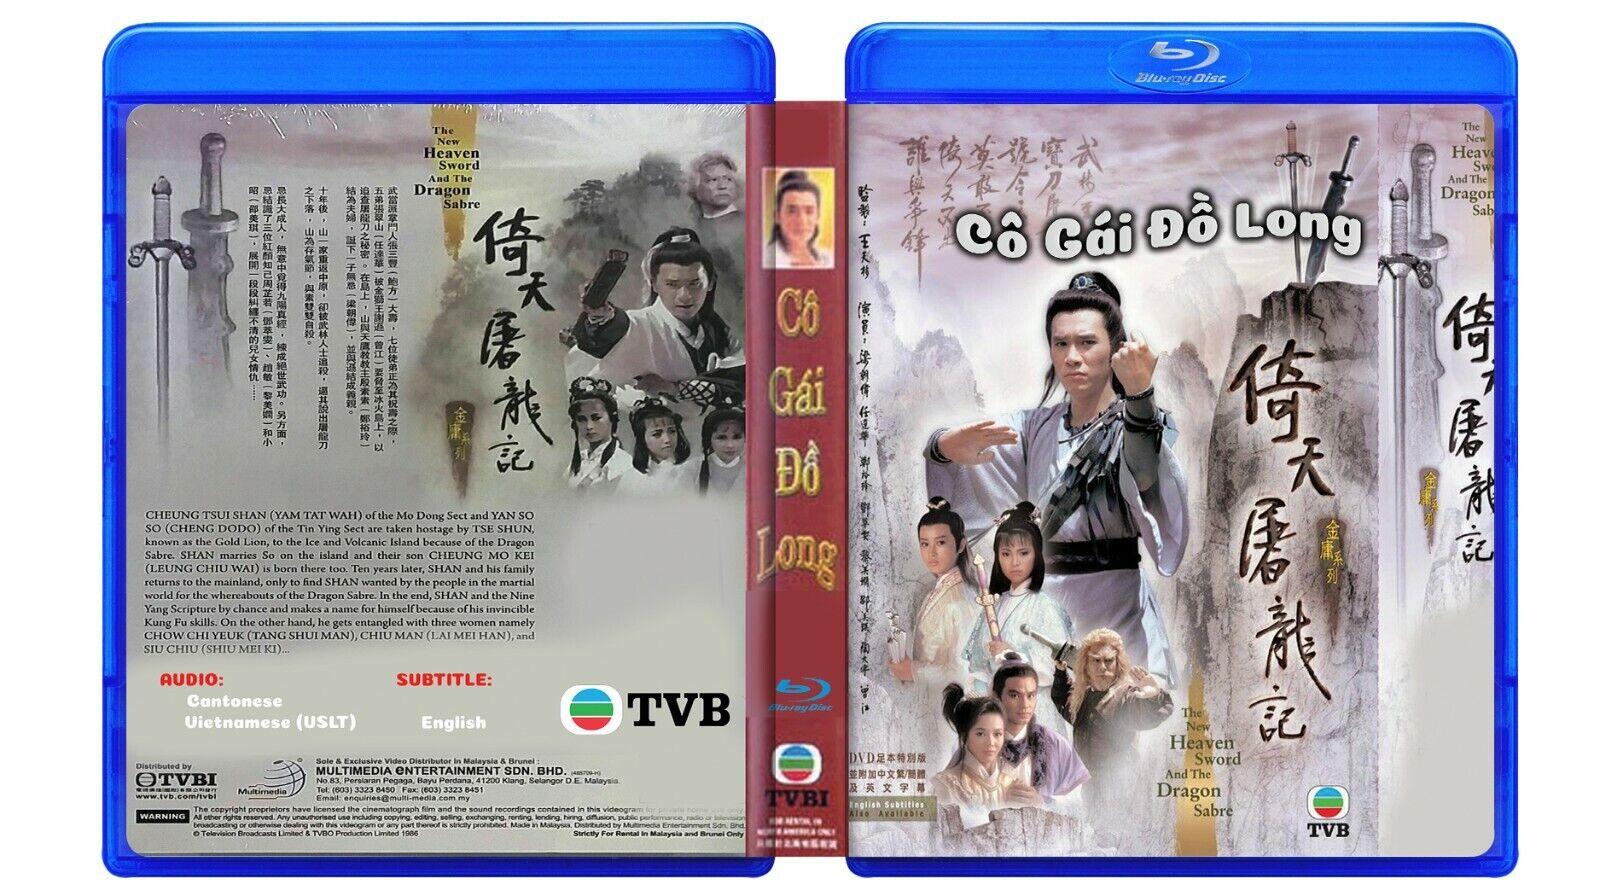 Co Gai Do Long 1986 Phim Bo Hong Kong Tvb Blu Ray Us Long